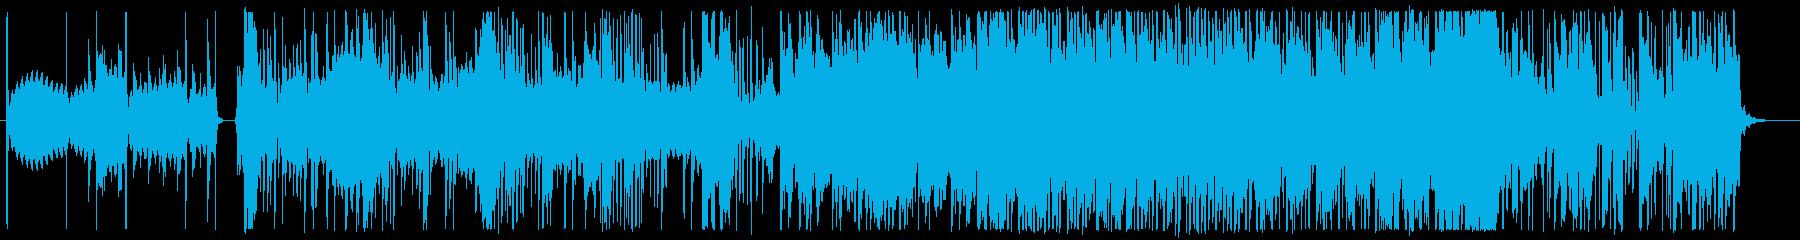 不思議な空気感のエレクトリックポップの再生済みの波形